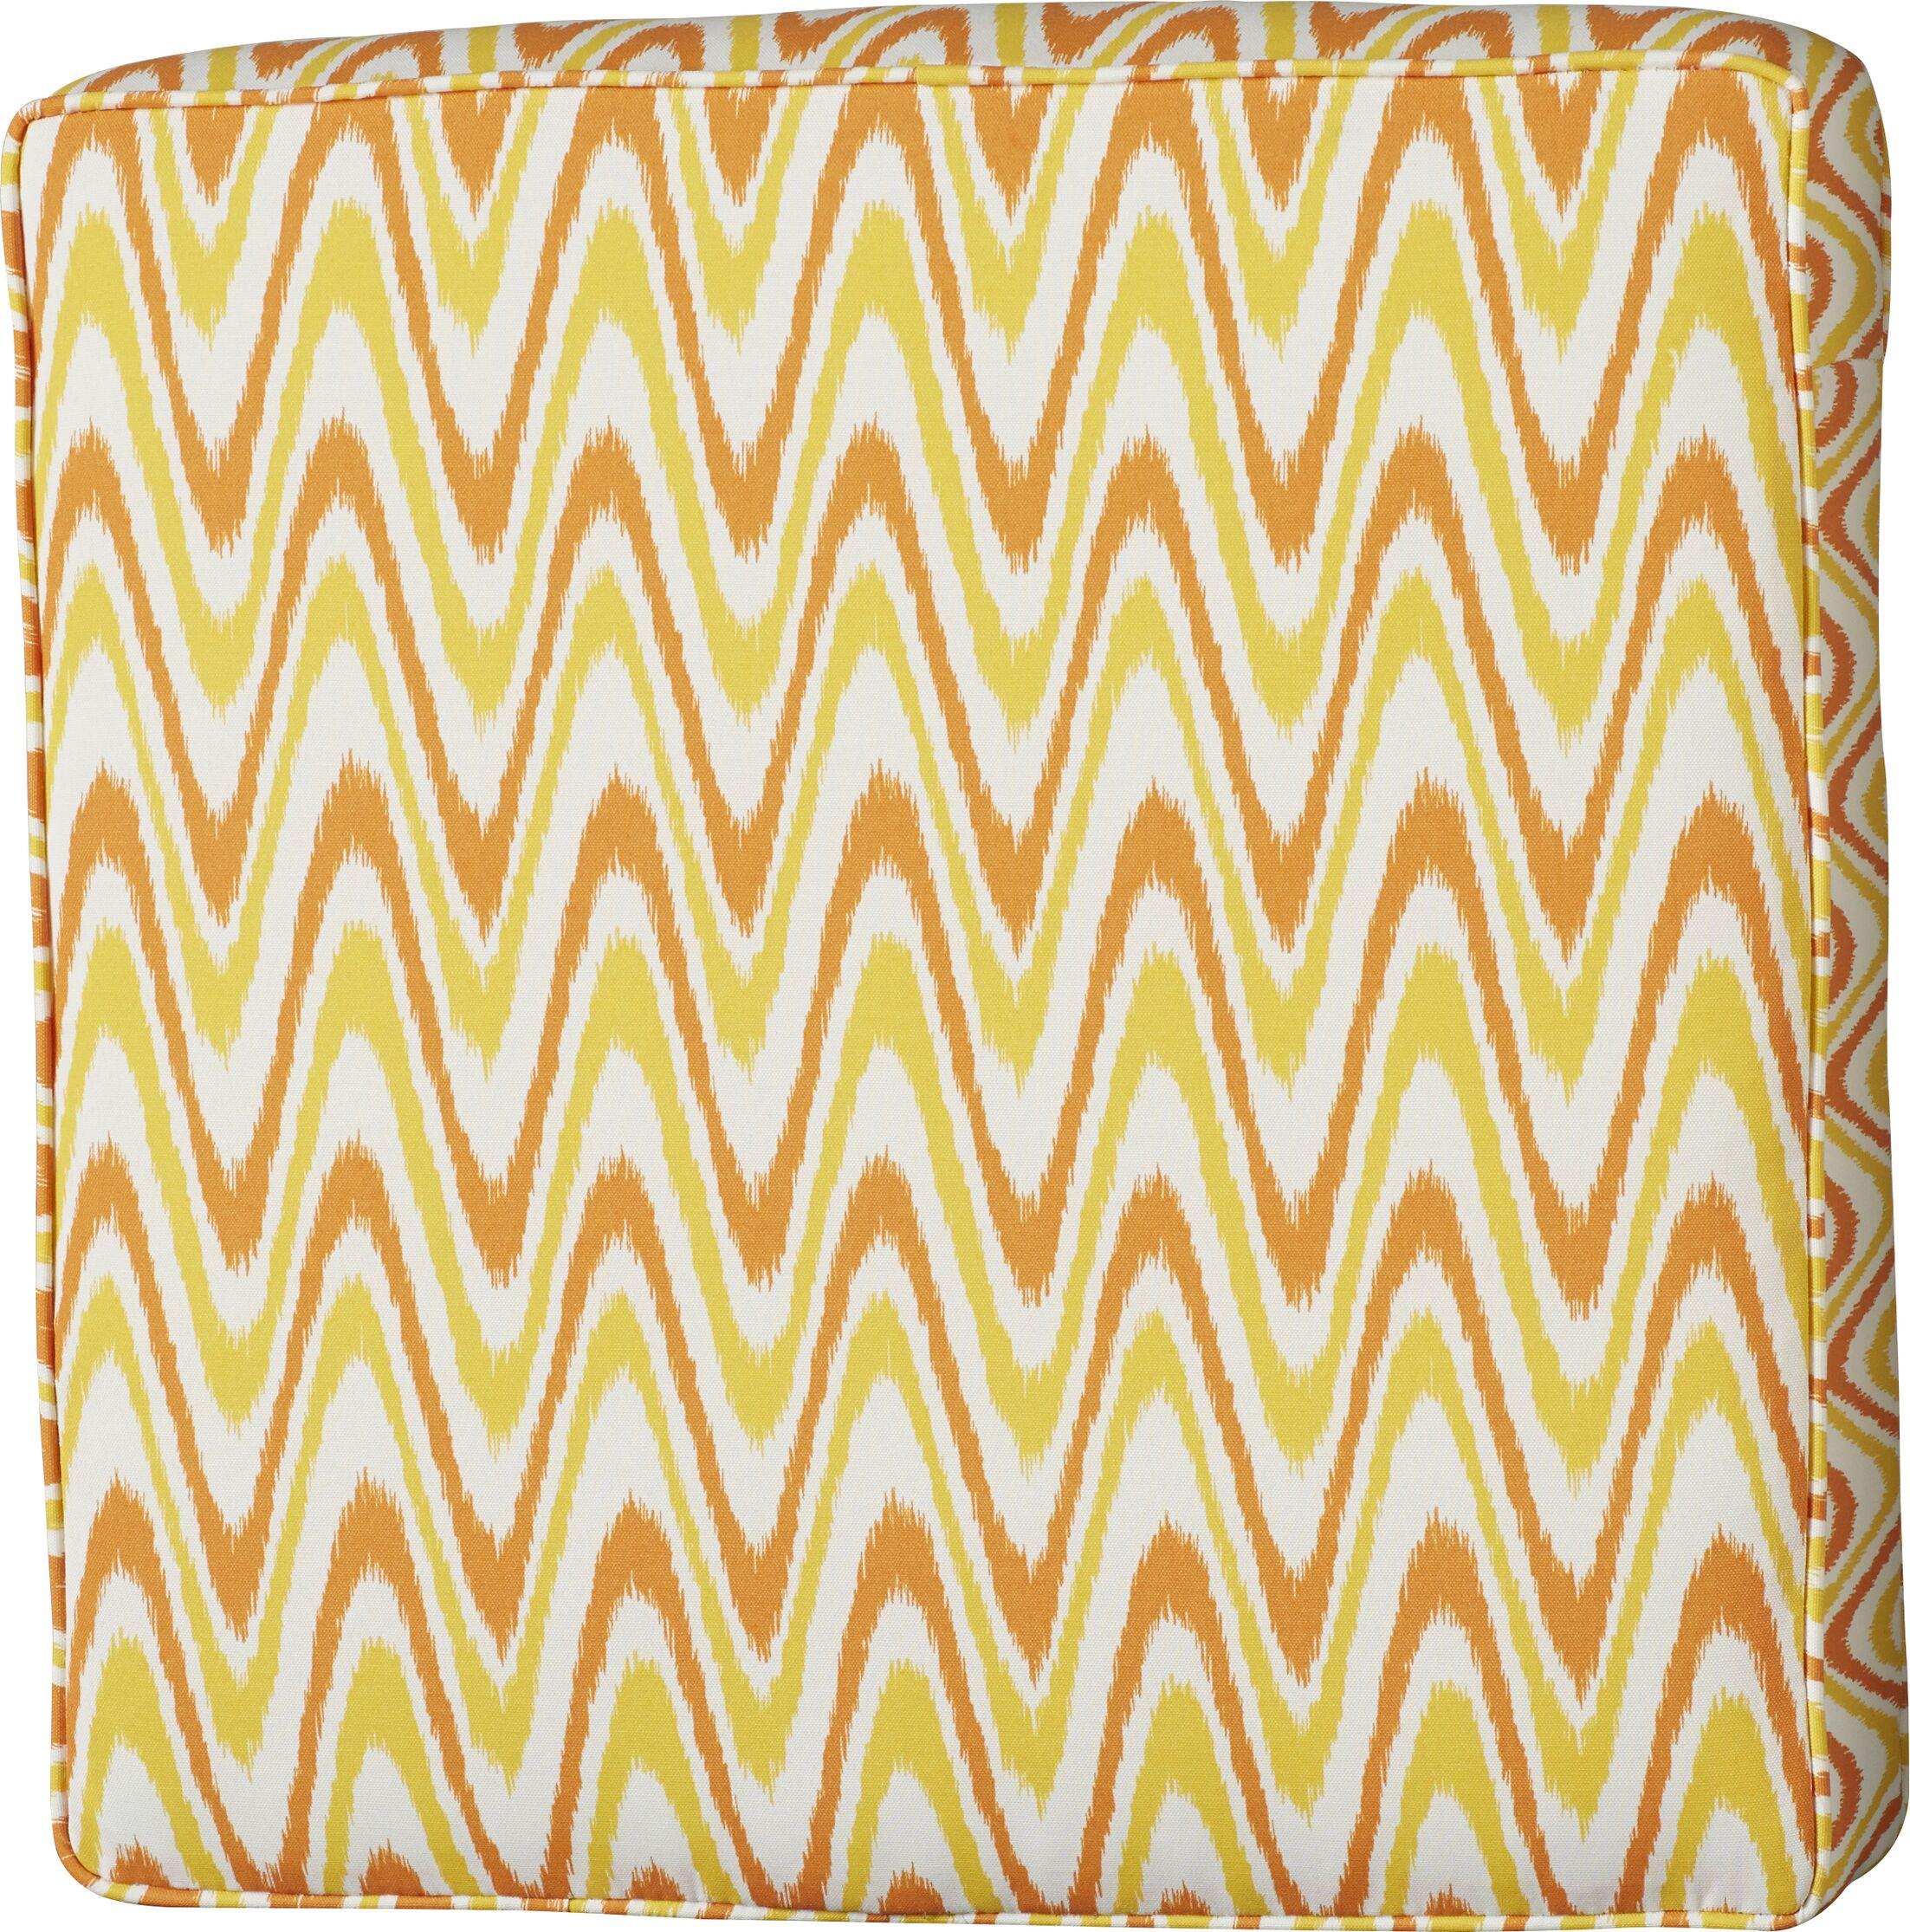 Merauke Indoor/Outdoor Ottoman Cushion